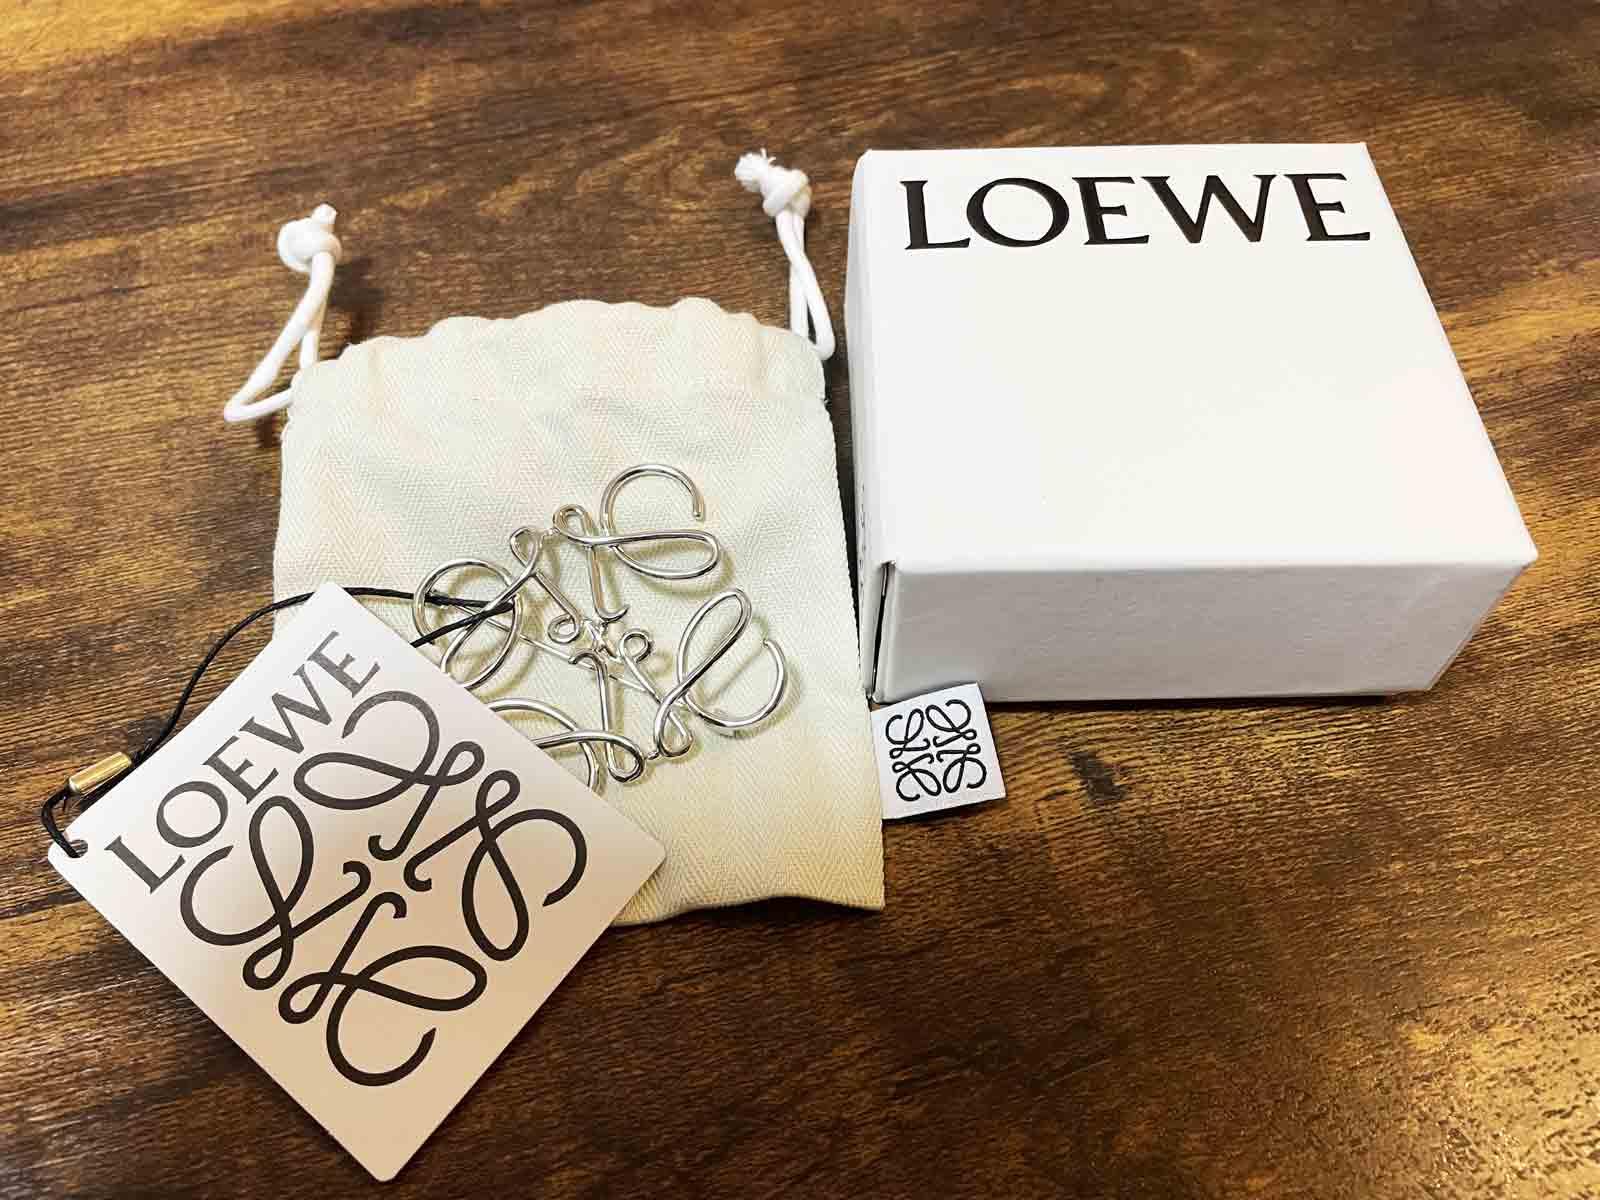 ロエベのブローチならプレゼントに丁度良い値段で購入できる